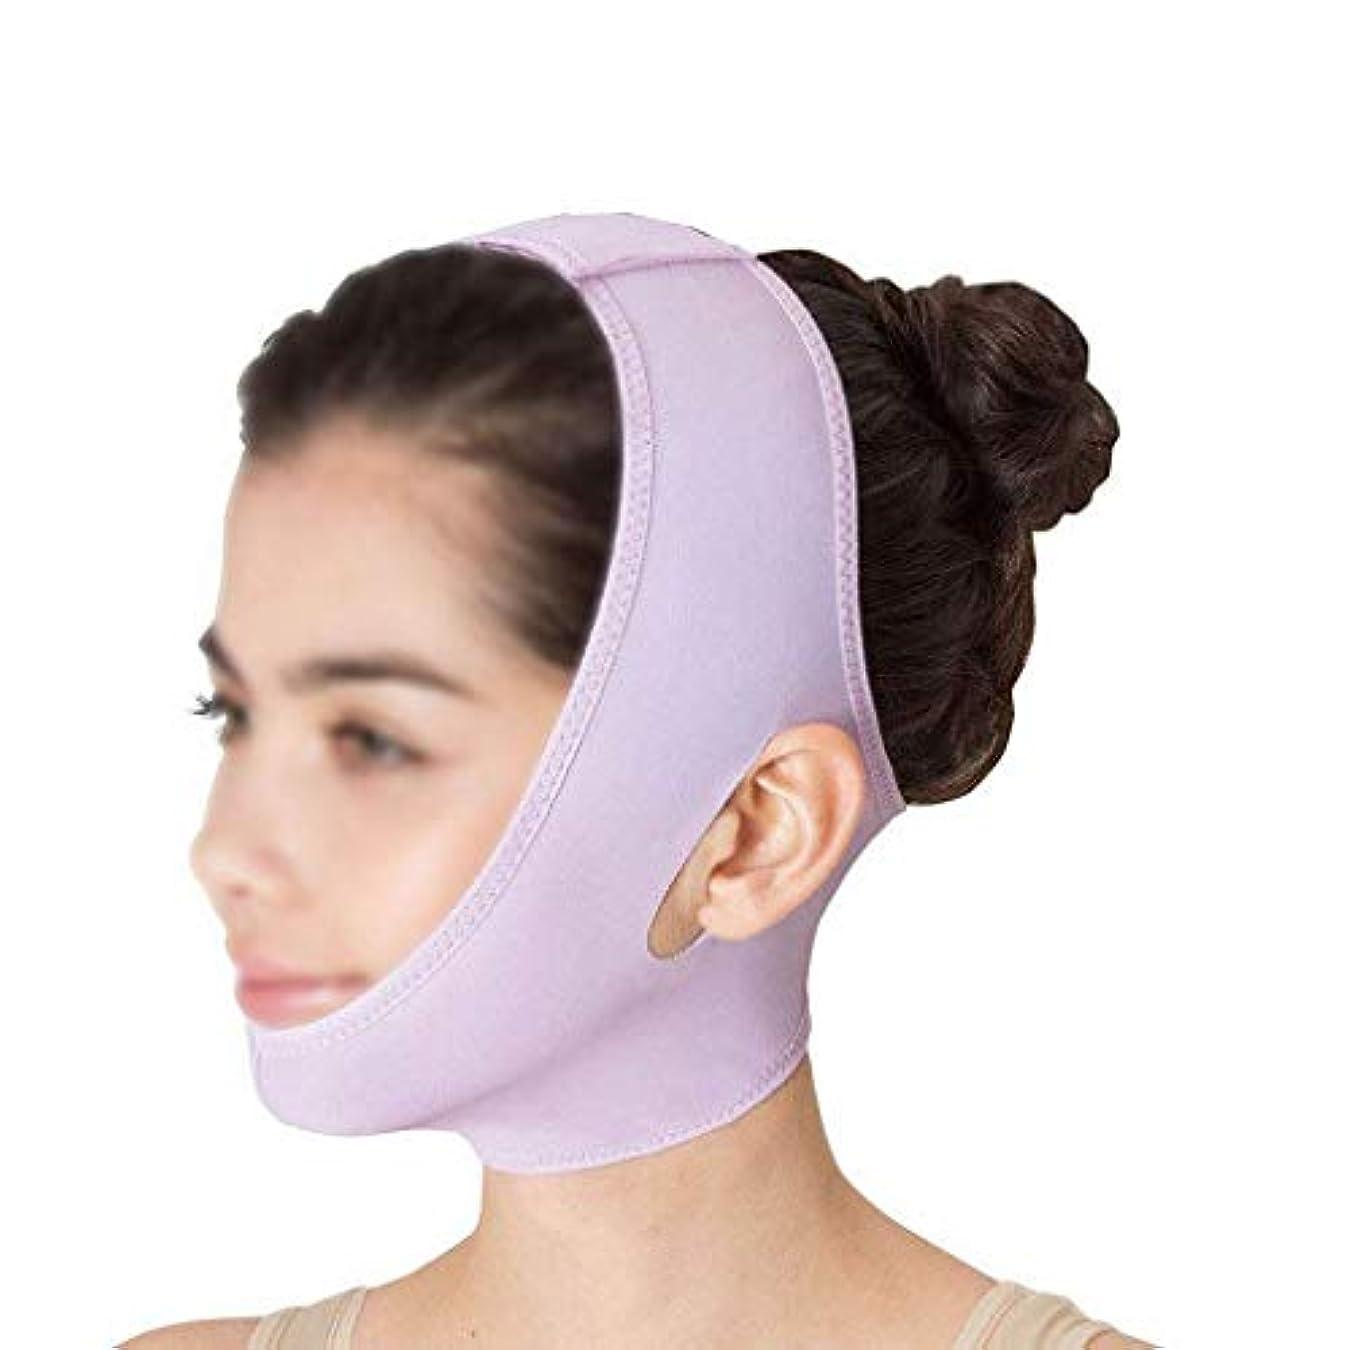 ラッドヤードキップリングポケット騒薄いフェイスマスク ビームフェイス、薄いダブルチンでスリーピングマスクの下の頬を防ぎ、小さなVフェイスを作成